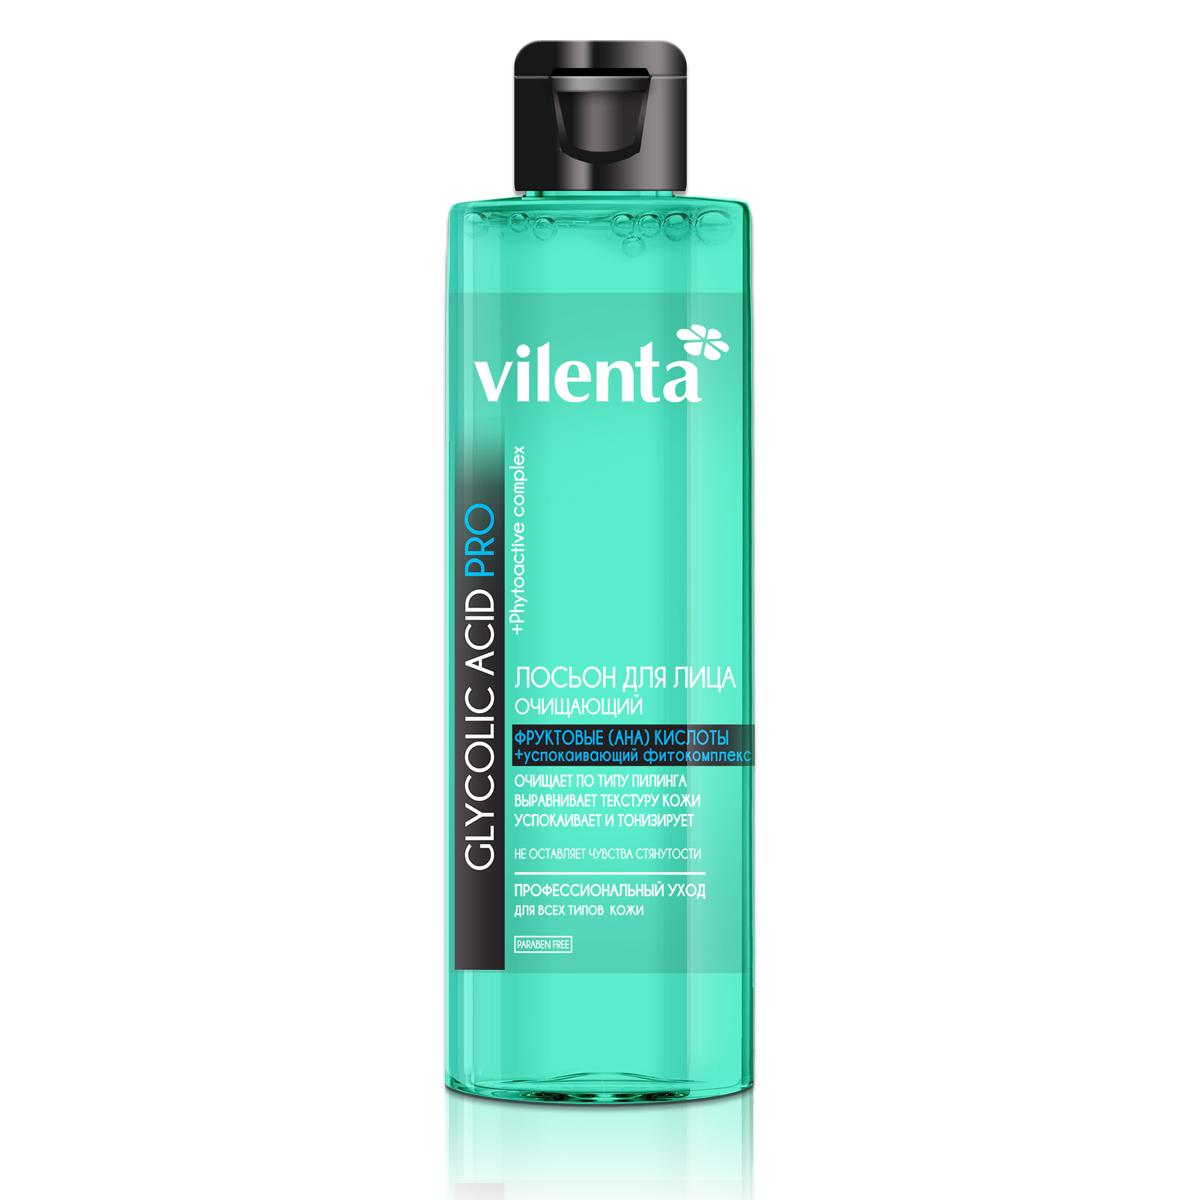 Vilenta Лосьон для лица Очищающий Glycolic Acid Pro, 200 млN.S-1.1Благодаря эффективному очищающему комплексу из фруктовых альфа-гидроксикислот (гликолевая, молочная, яблочная, лимонная, винная) лосьон великолепно очищает кожу лица. Снимает чувство стянутости.